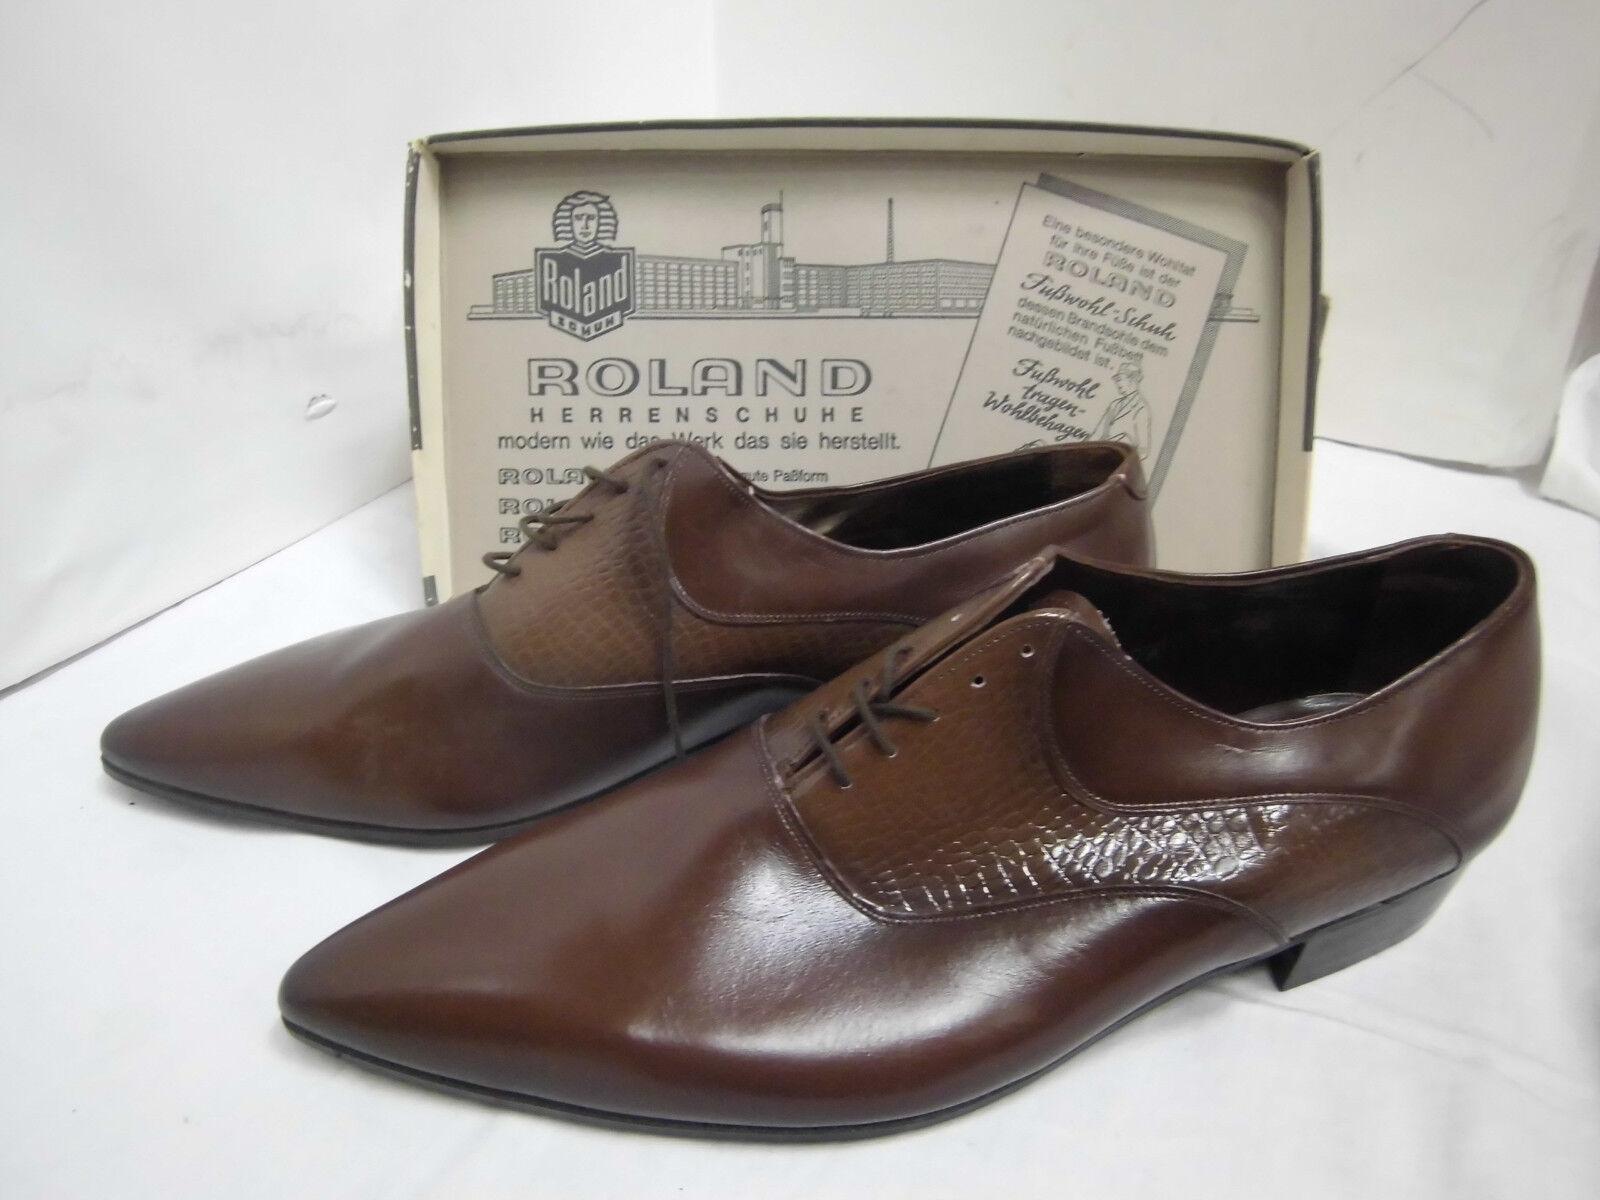 NOS Roland Schnürschuh Marronee Pelle Mezza scarpa True Vintage Tg. 8,5 scarpe VINTAGE | Fornitura sufficiente  | Gentiluomo/Signora Scarpa